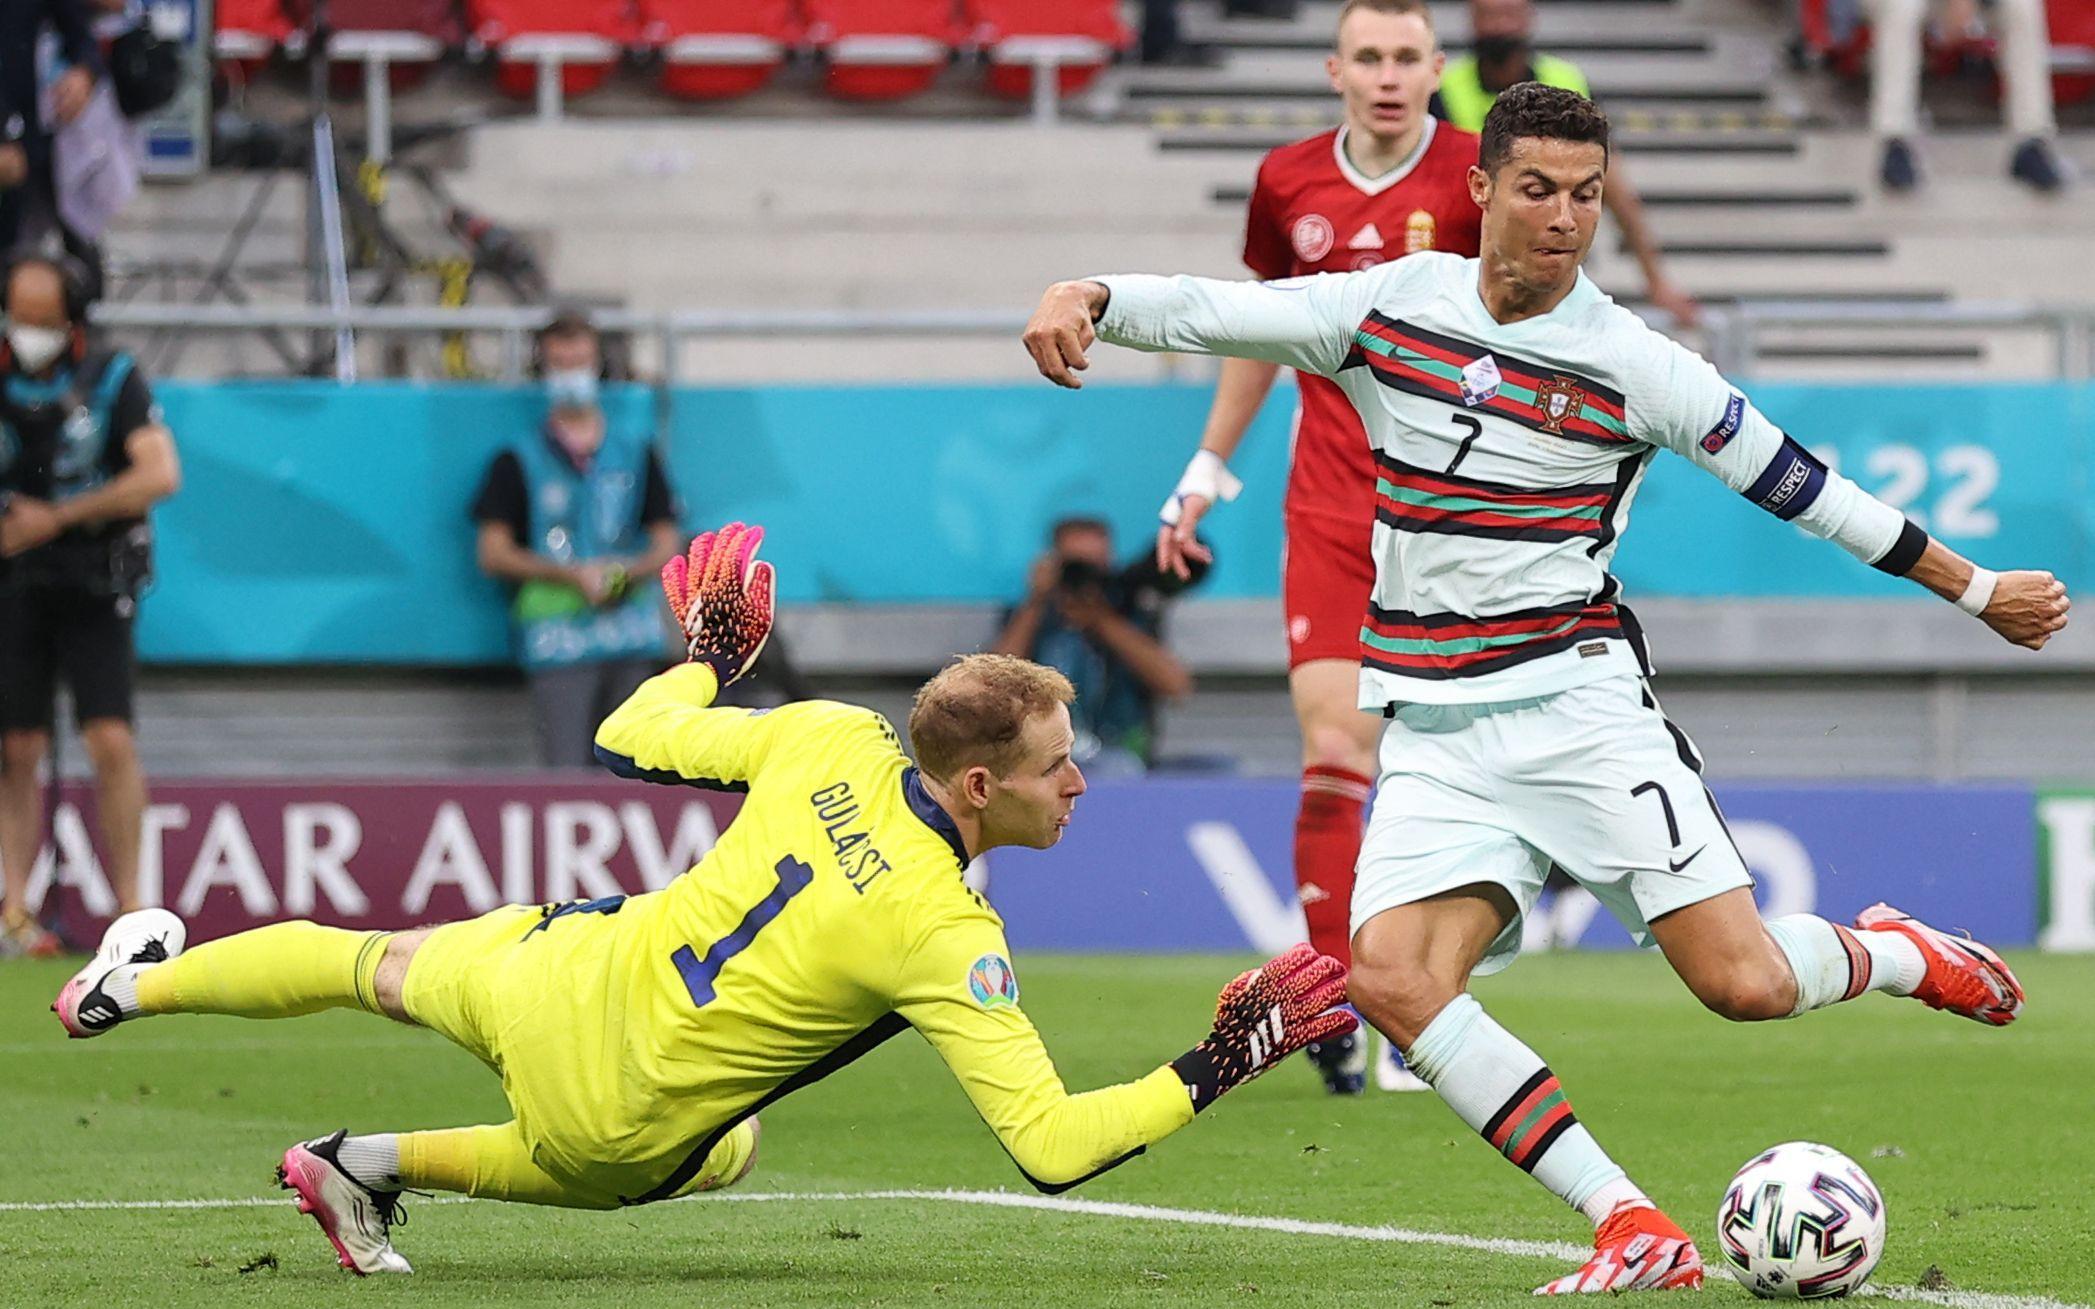 葡萄牙队员C罗射门得分。图/新华社